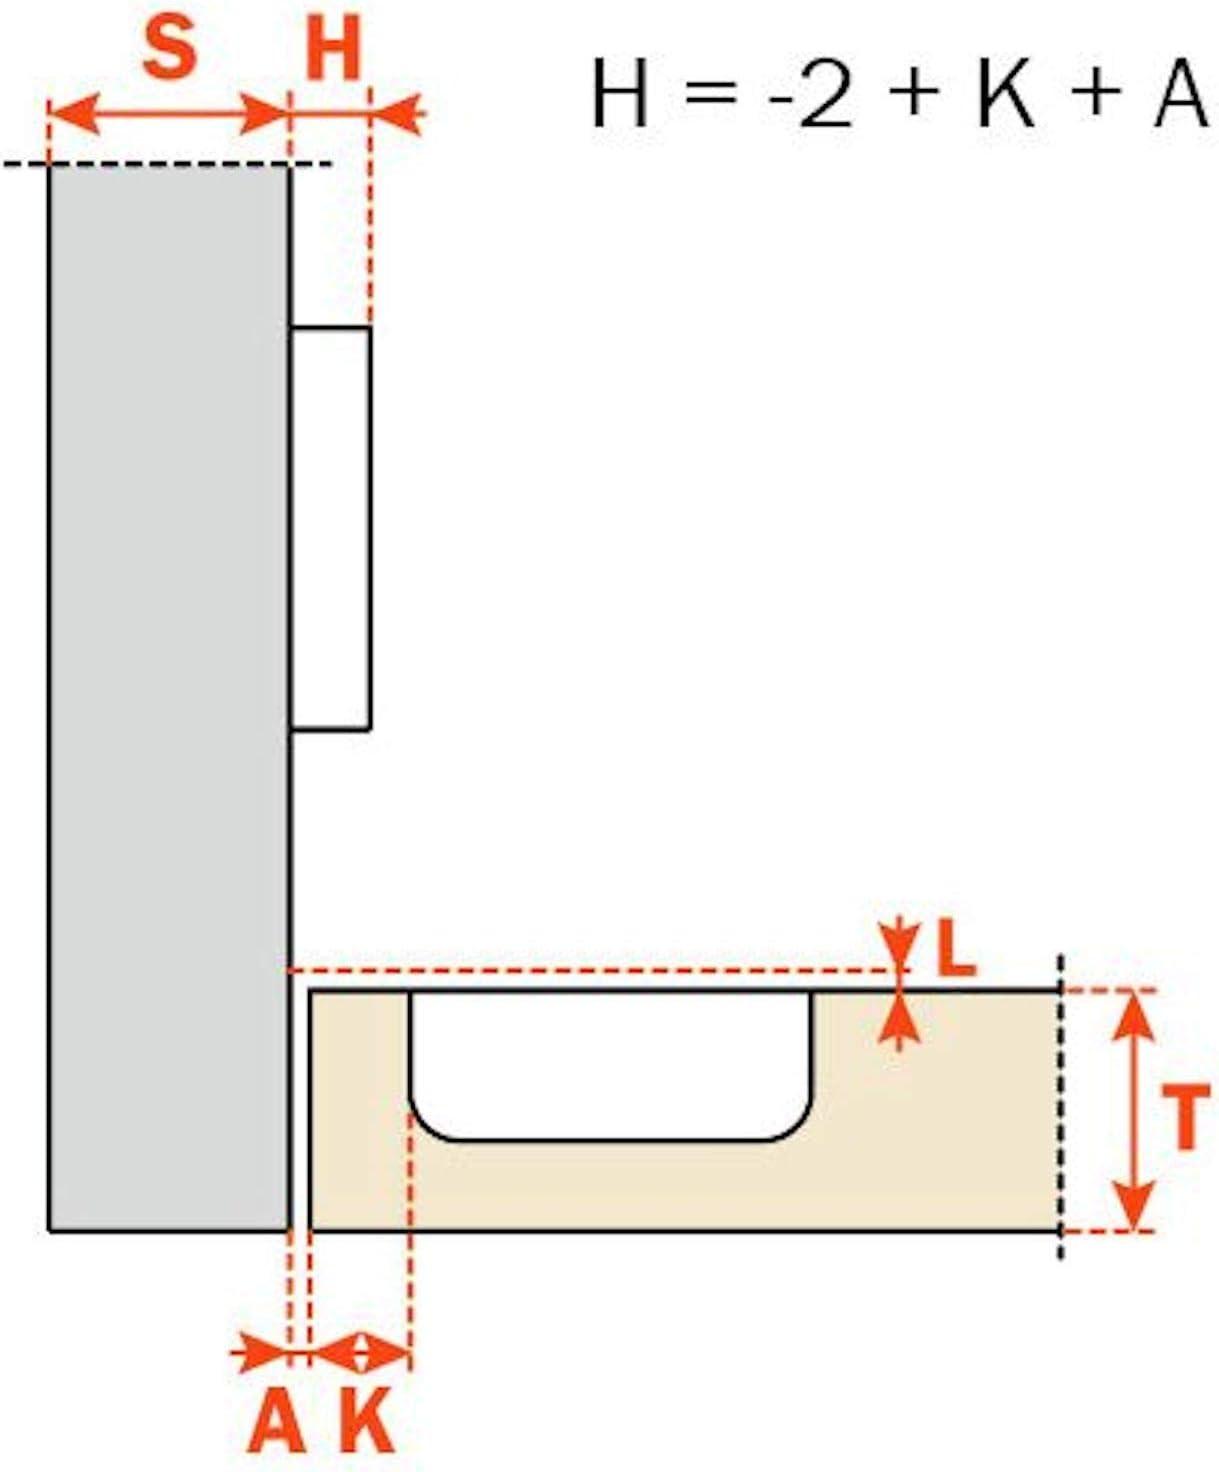 Exzenterverstellung und Abdeckkappenset Schrankscharnier von SO-TECH/® 2 x Salice Topfband 110/° Serie 200 Bohrbild T45 Eckanschlag inkl Kreuz-Montageplatte H/öhe 6 mm mit vormontierten Euroschrauben